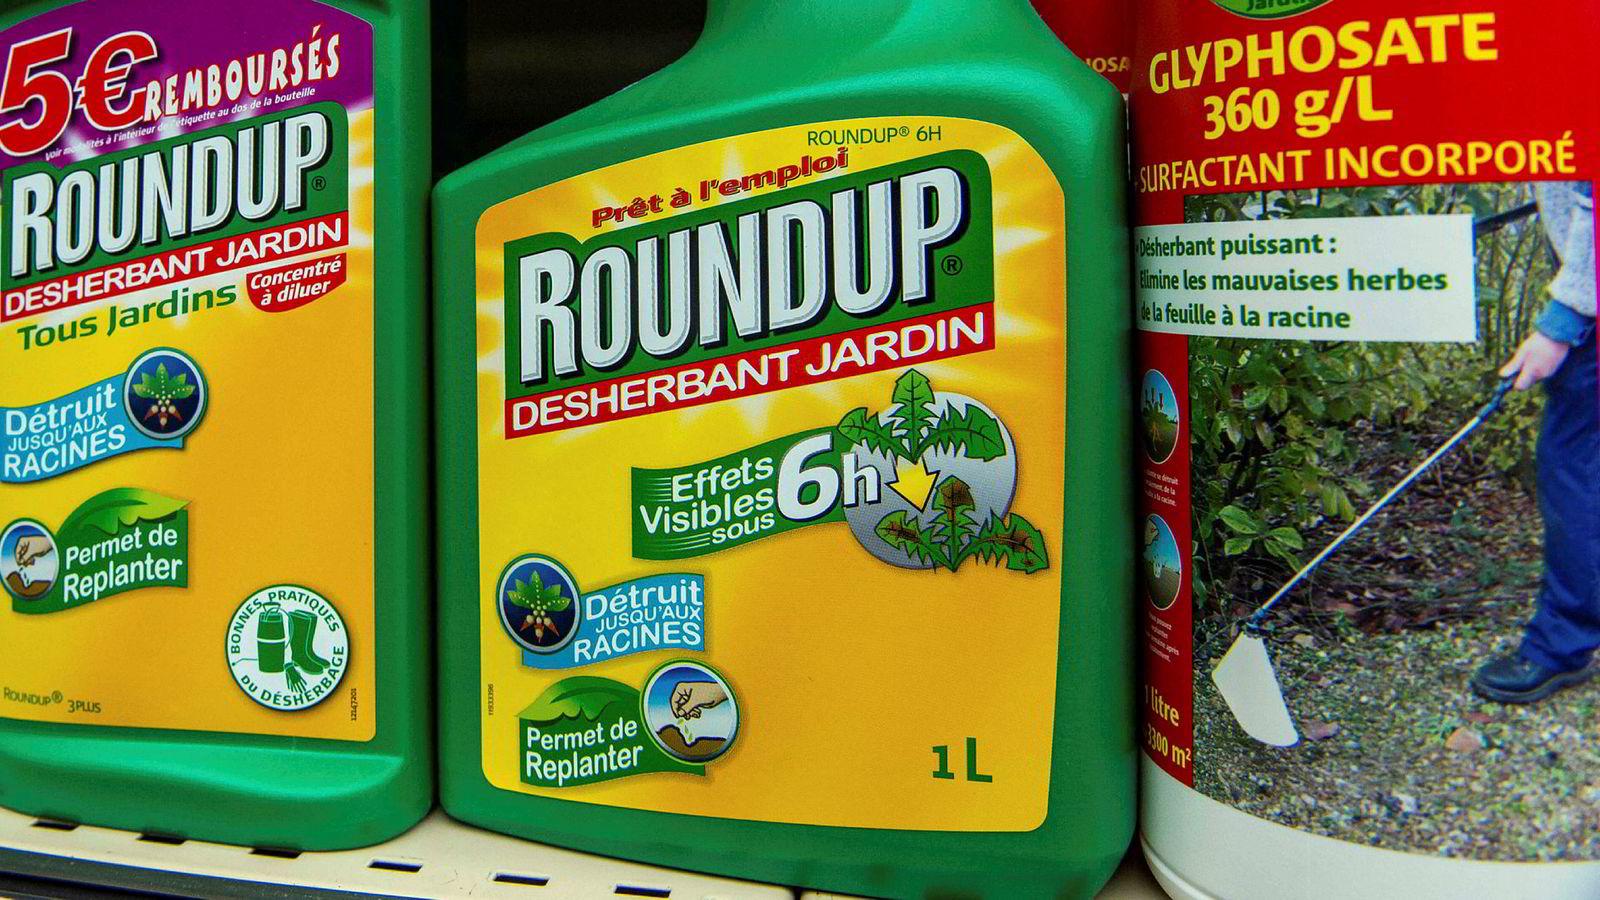 Nok en rettssak i USA fastslår at ugressmiddelet Roundup som produseres av Monsanto har forårsaket kreft.